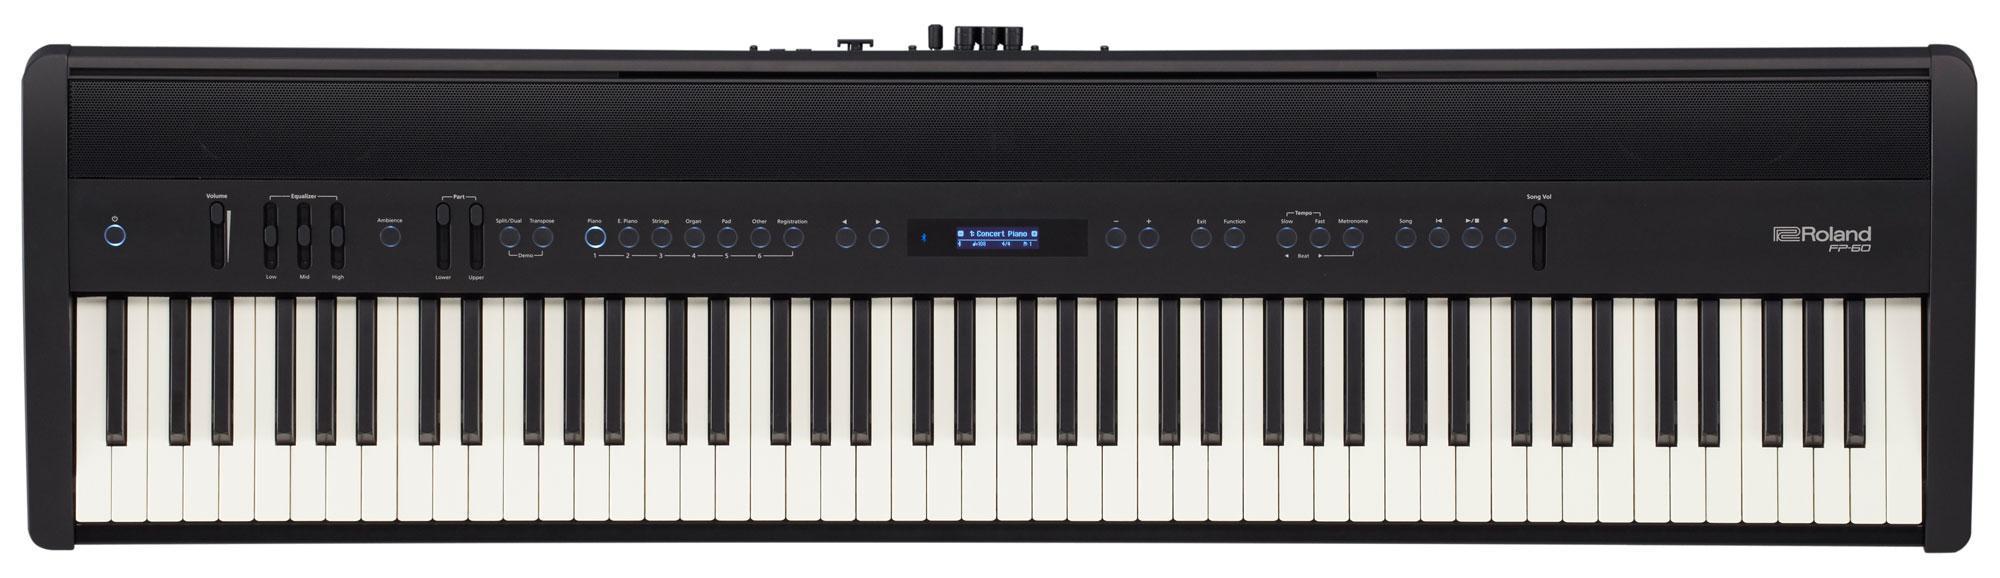 Roland FP 60 BK Stagepiano schwarz